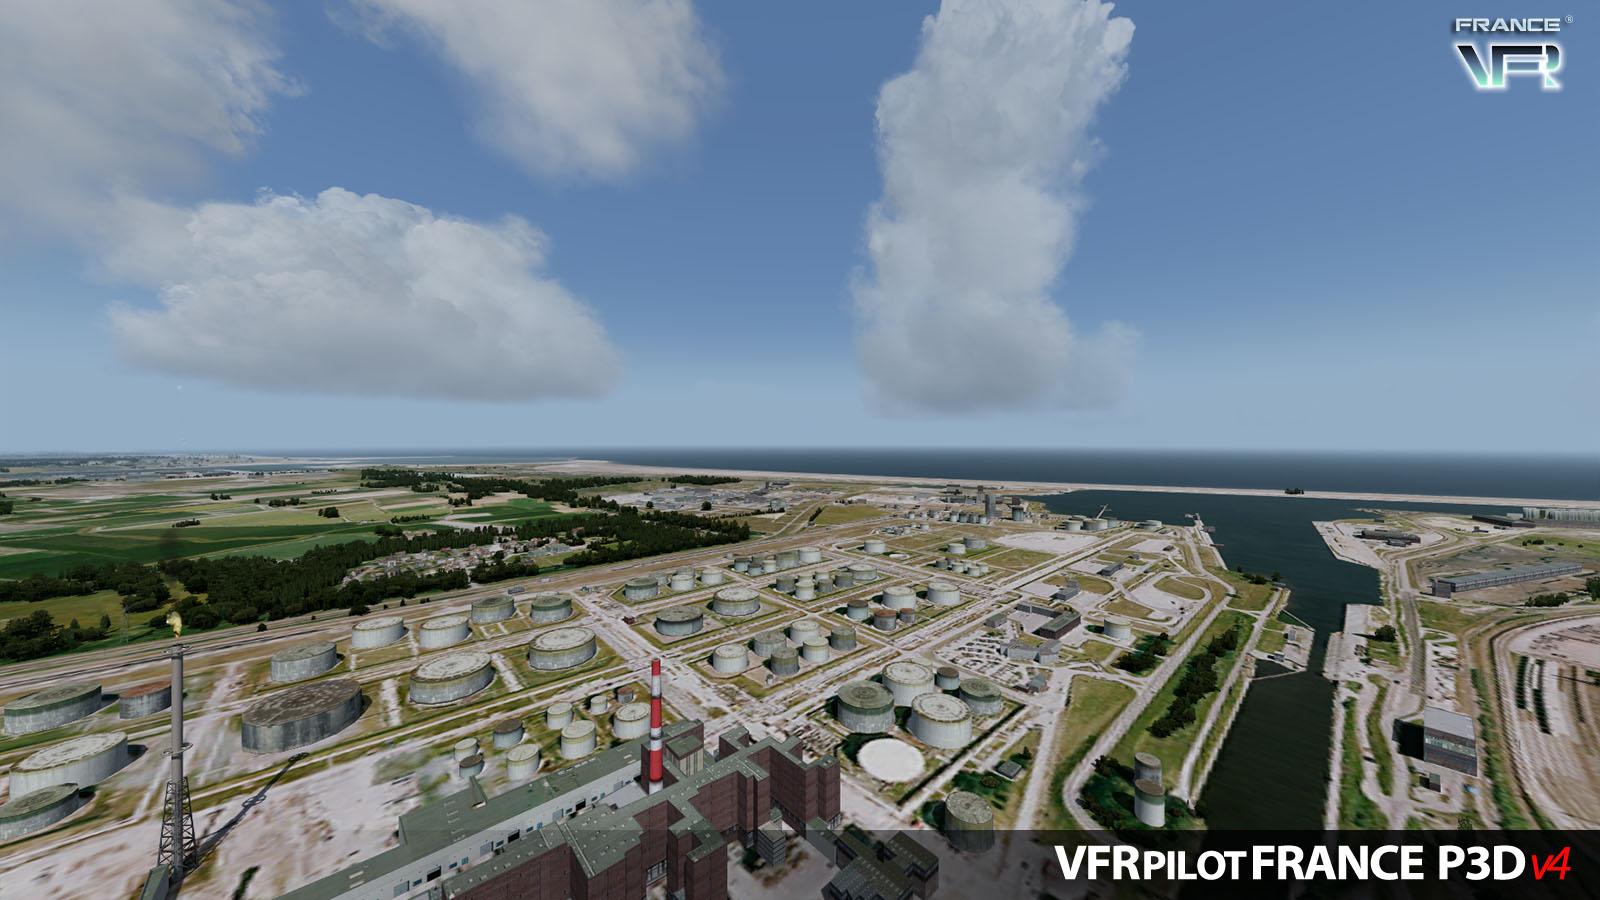 VFRFRAP3D_17.jpg